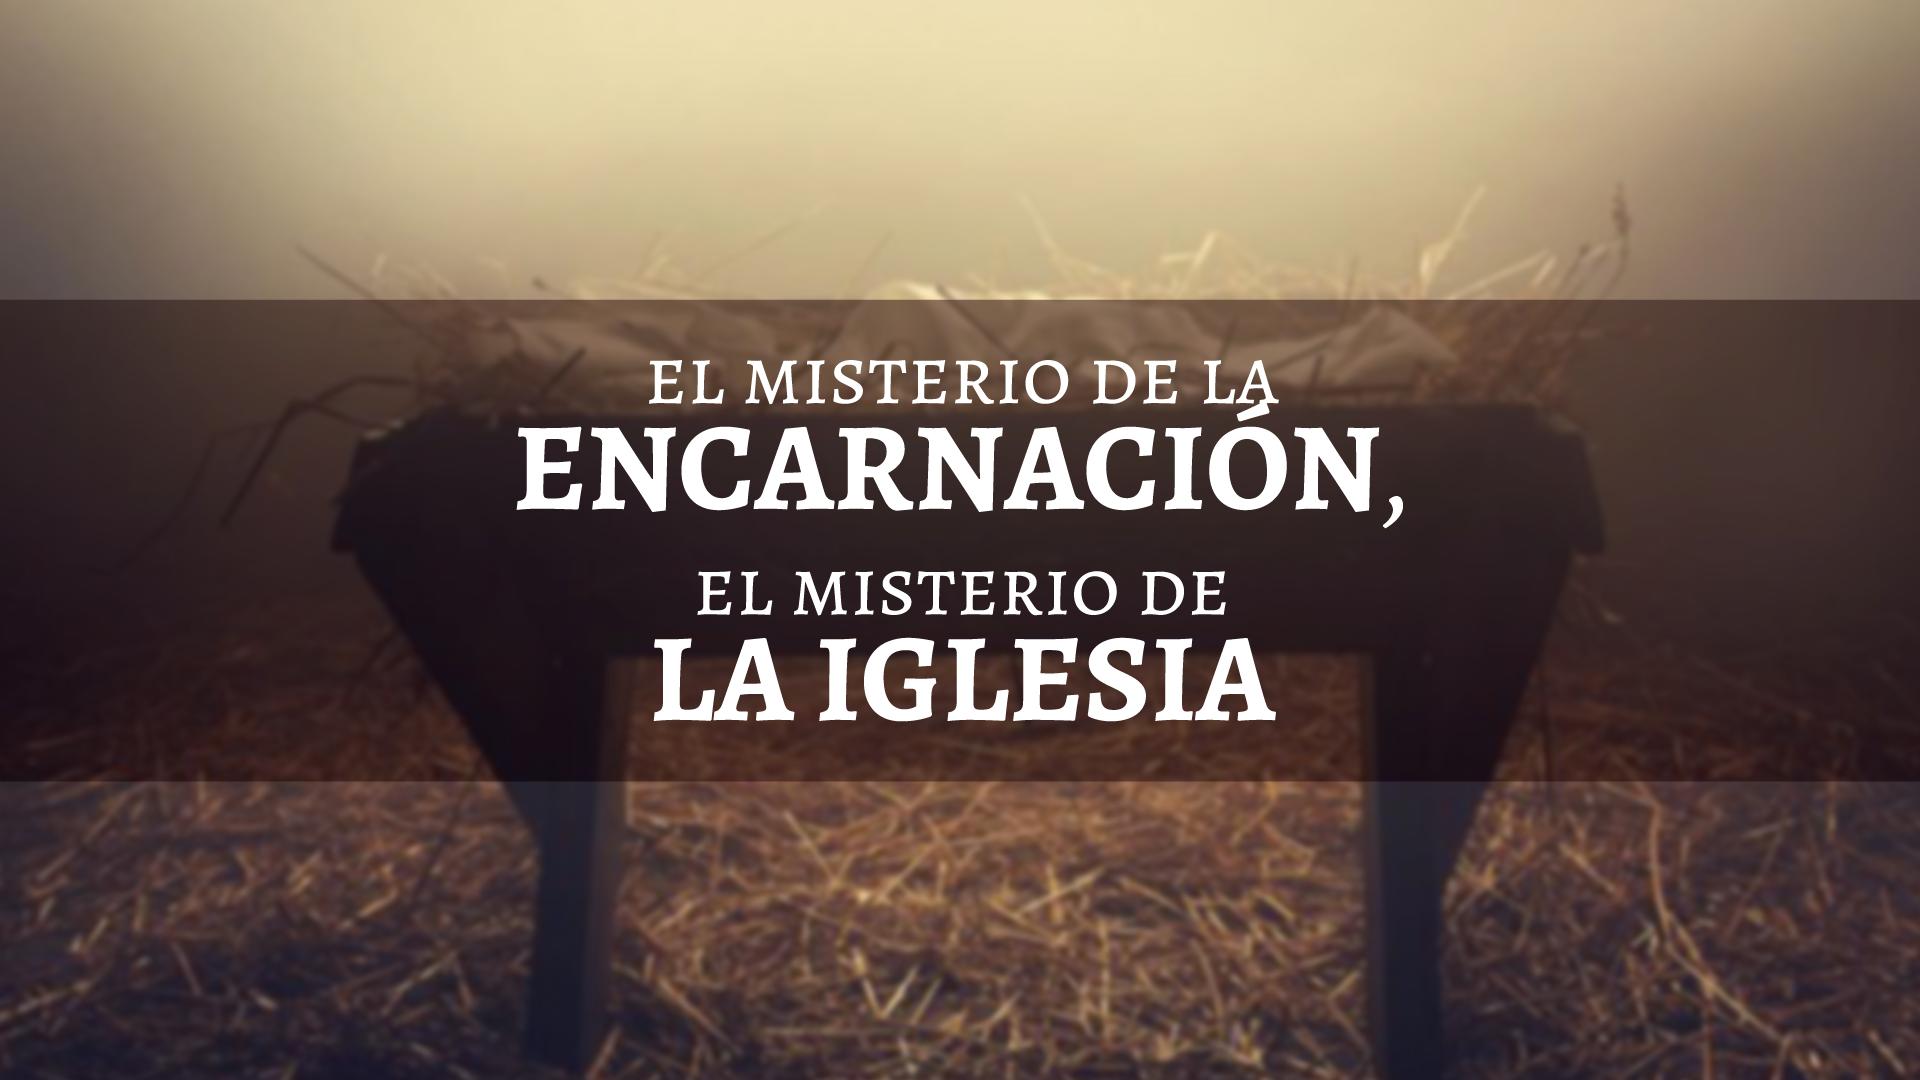 El Misterio de la Encarnación, El Misterio de la Iglesia